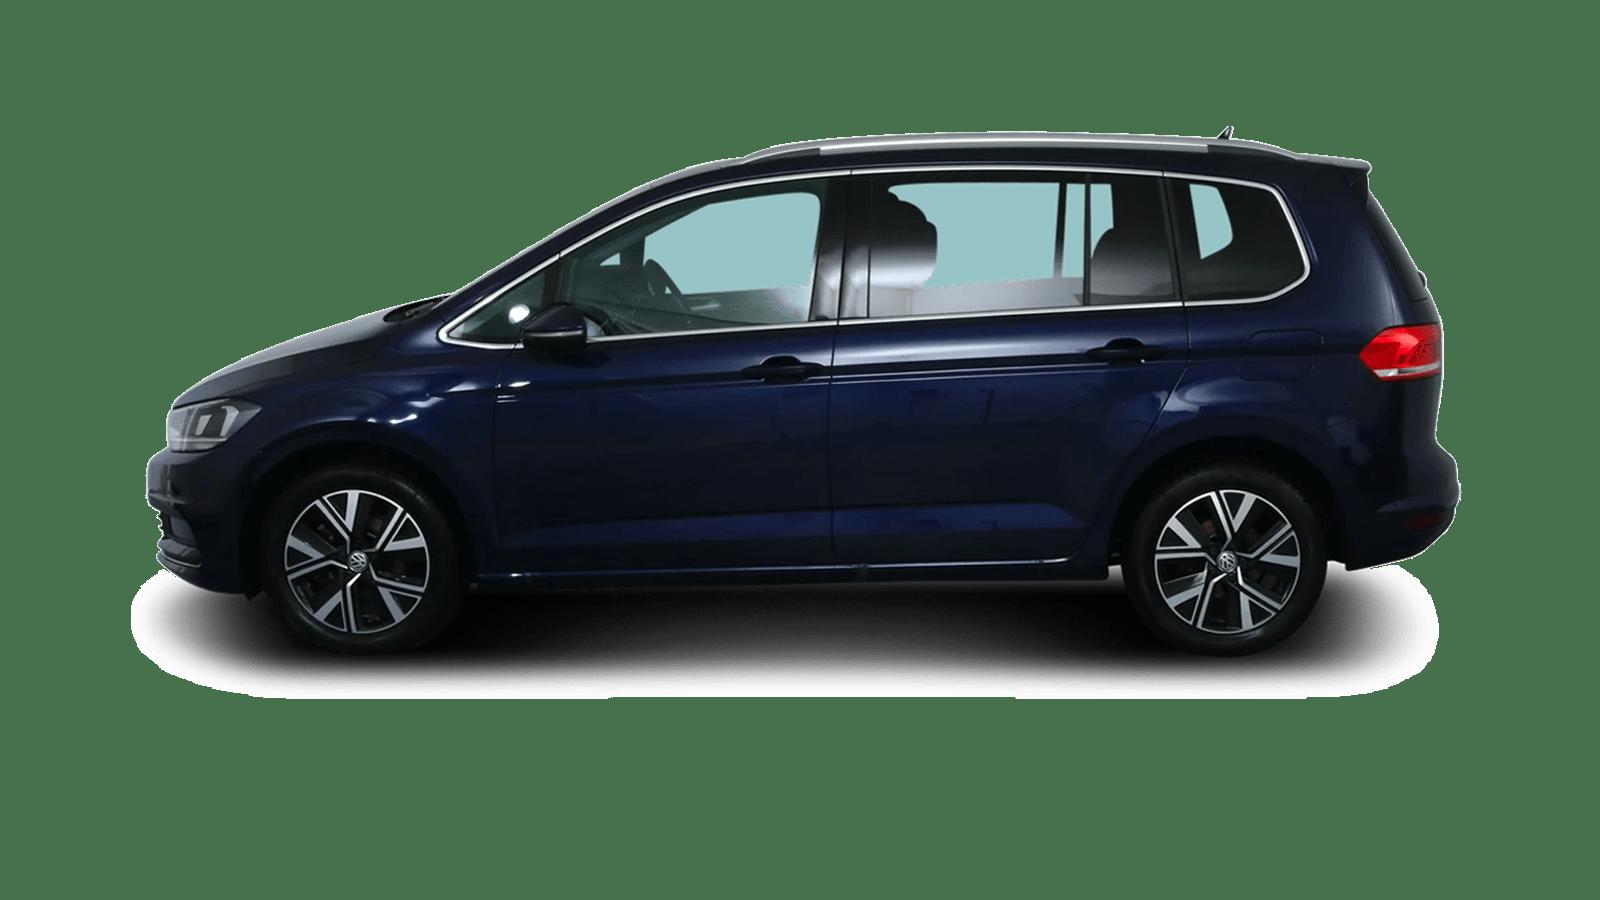 VW Touran Blau rückansicht - Clyde Auto-Abo